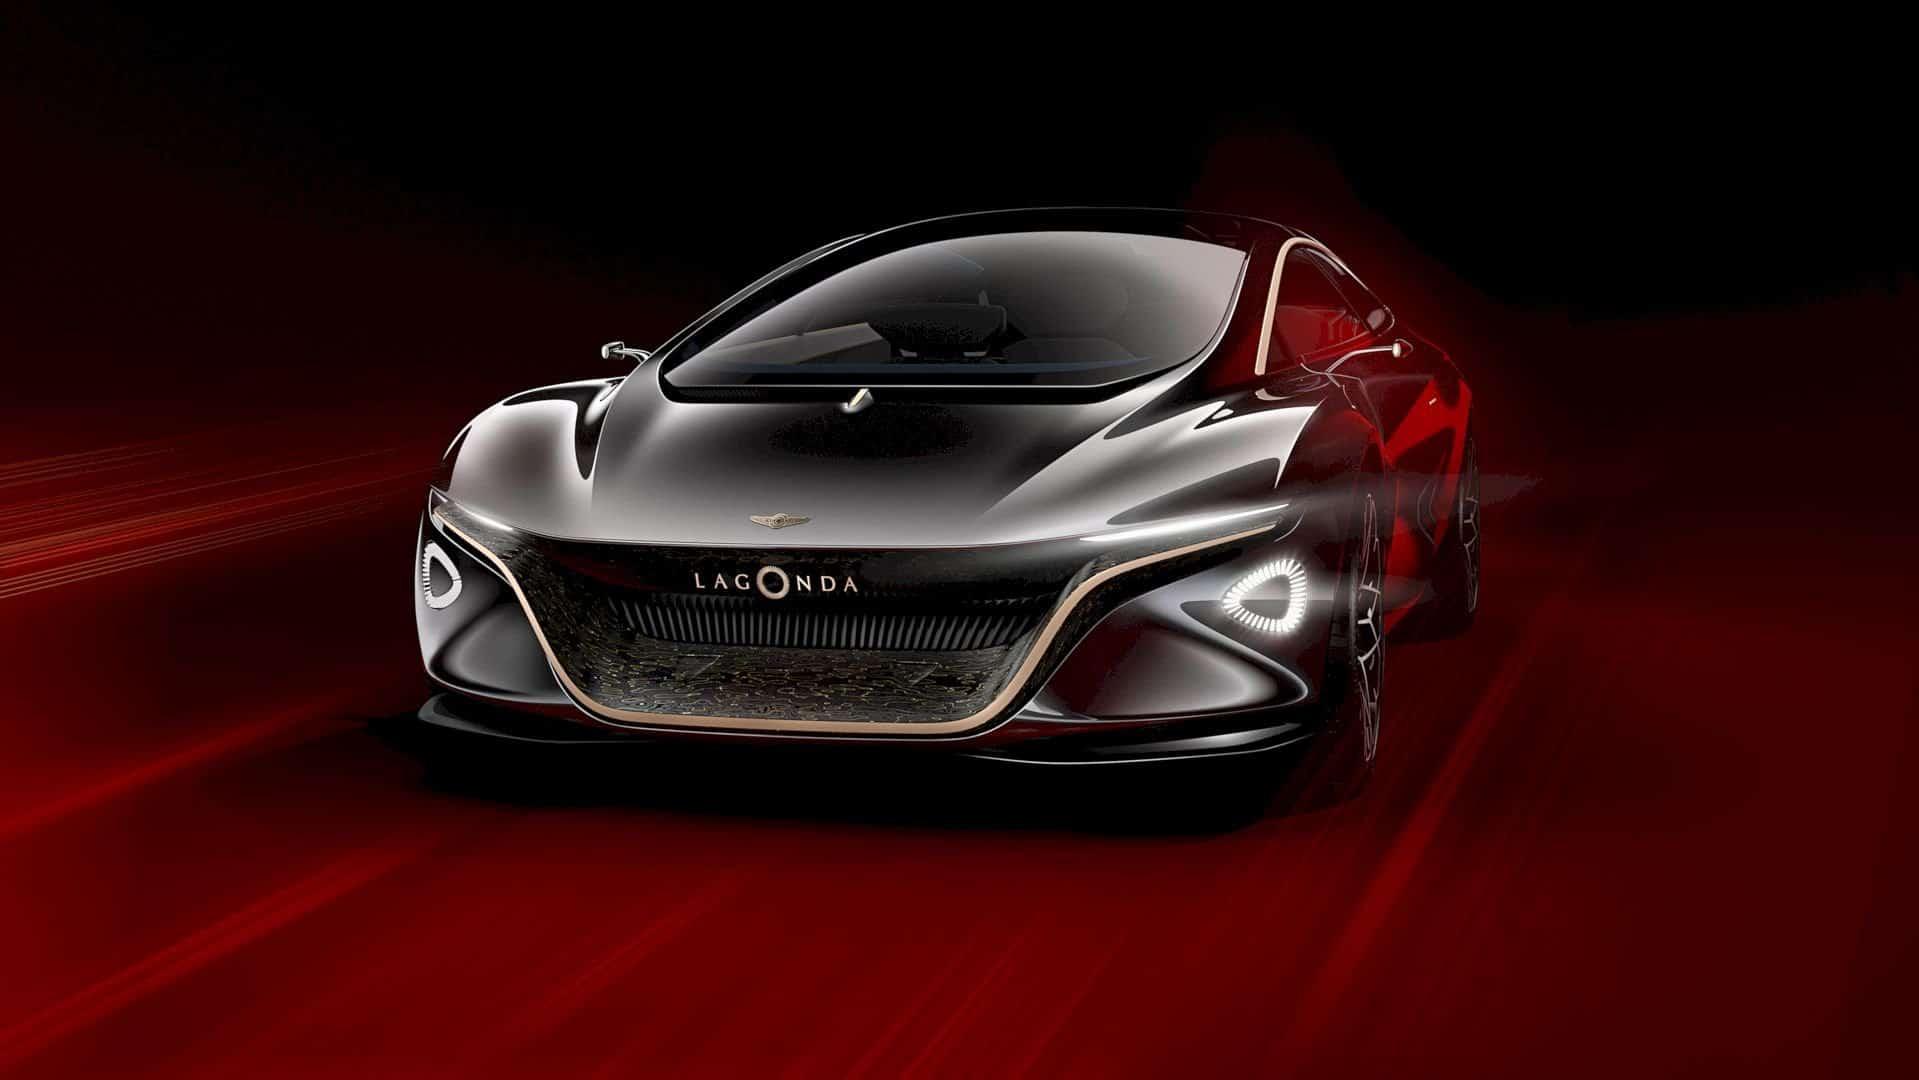 Lagonda Vision Concept By Aston Martin 4